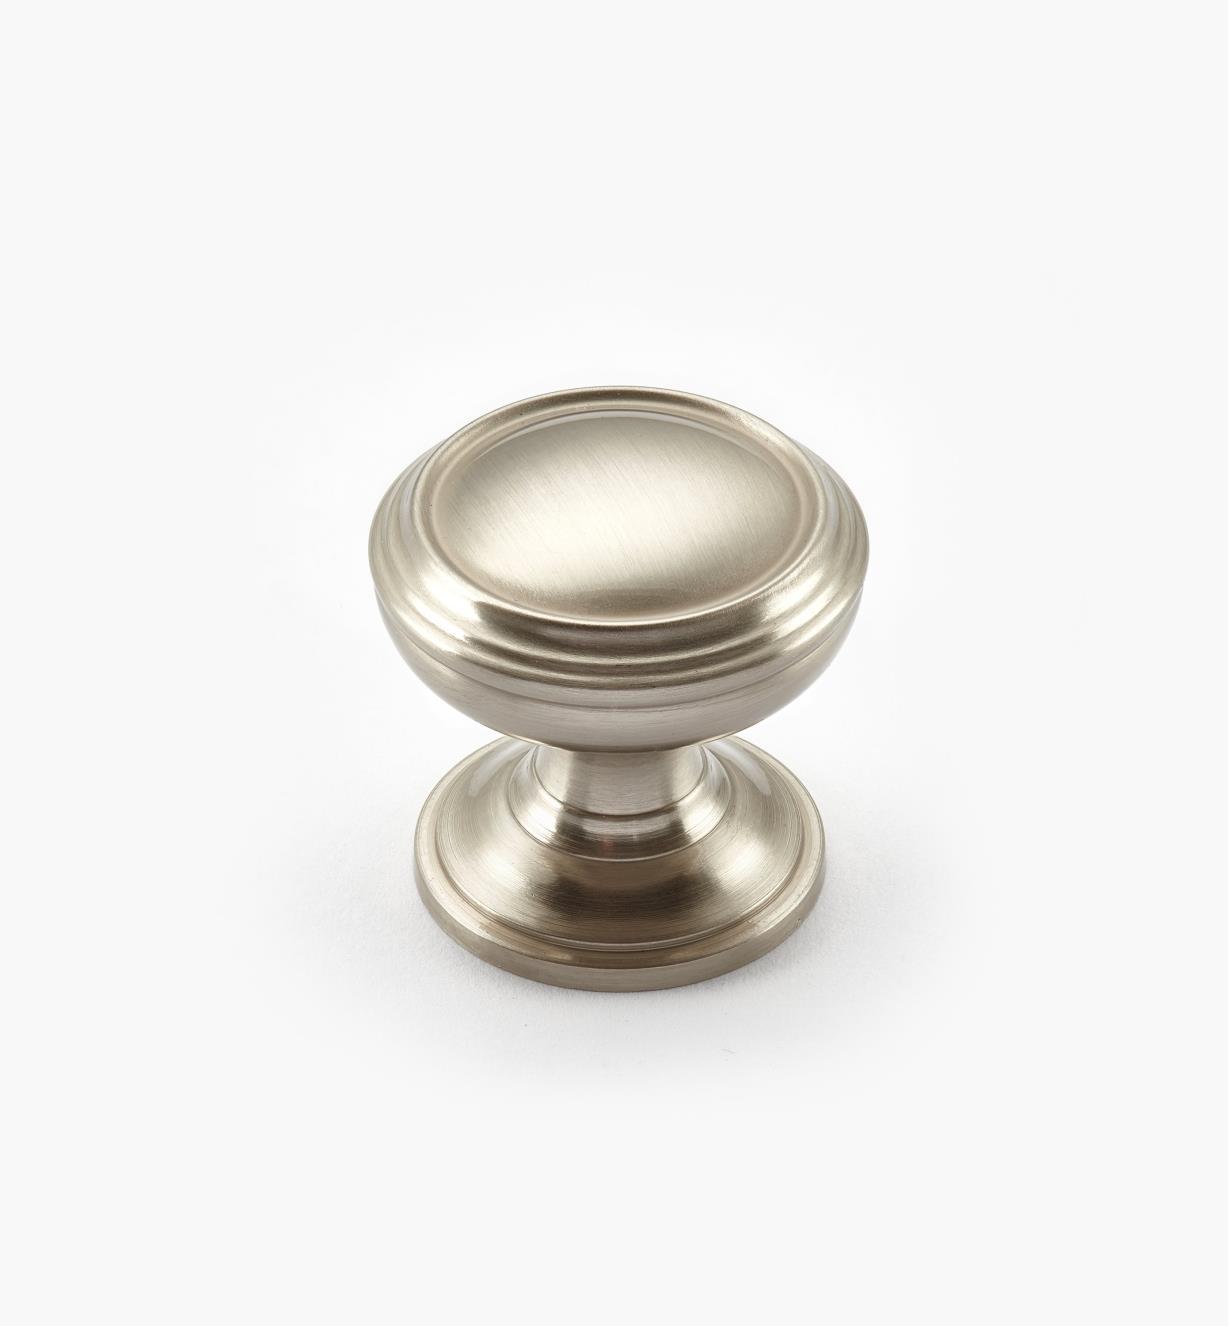 02A1682 - Bouton annelé Revitalize, 11/4po, chrome satiné, l'unité